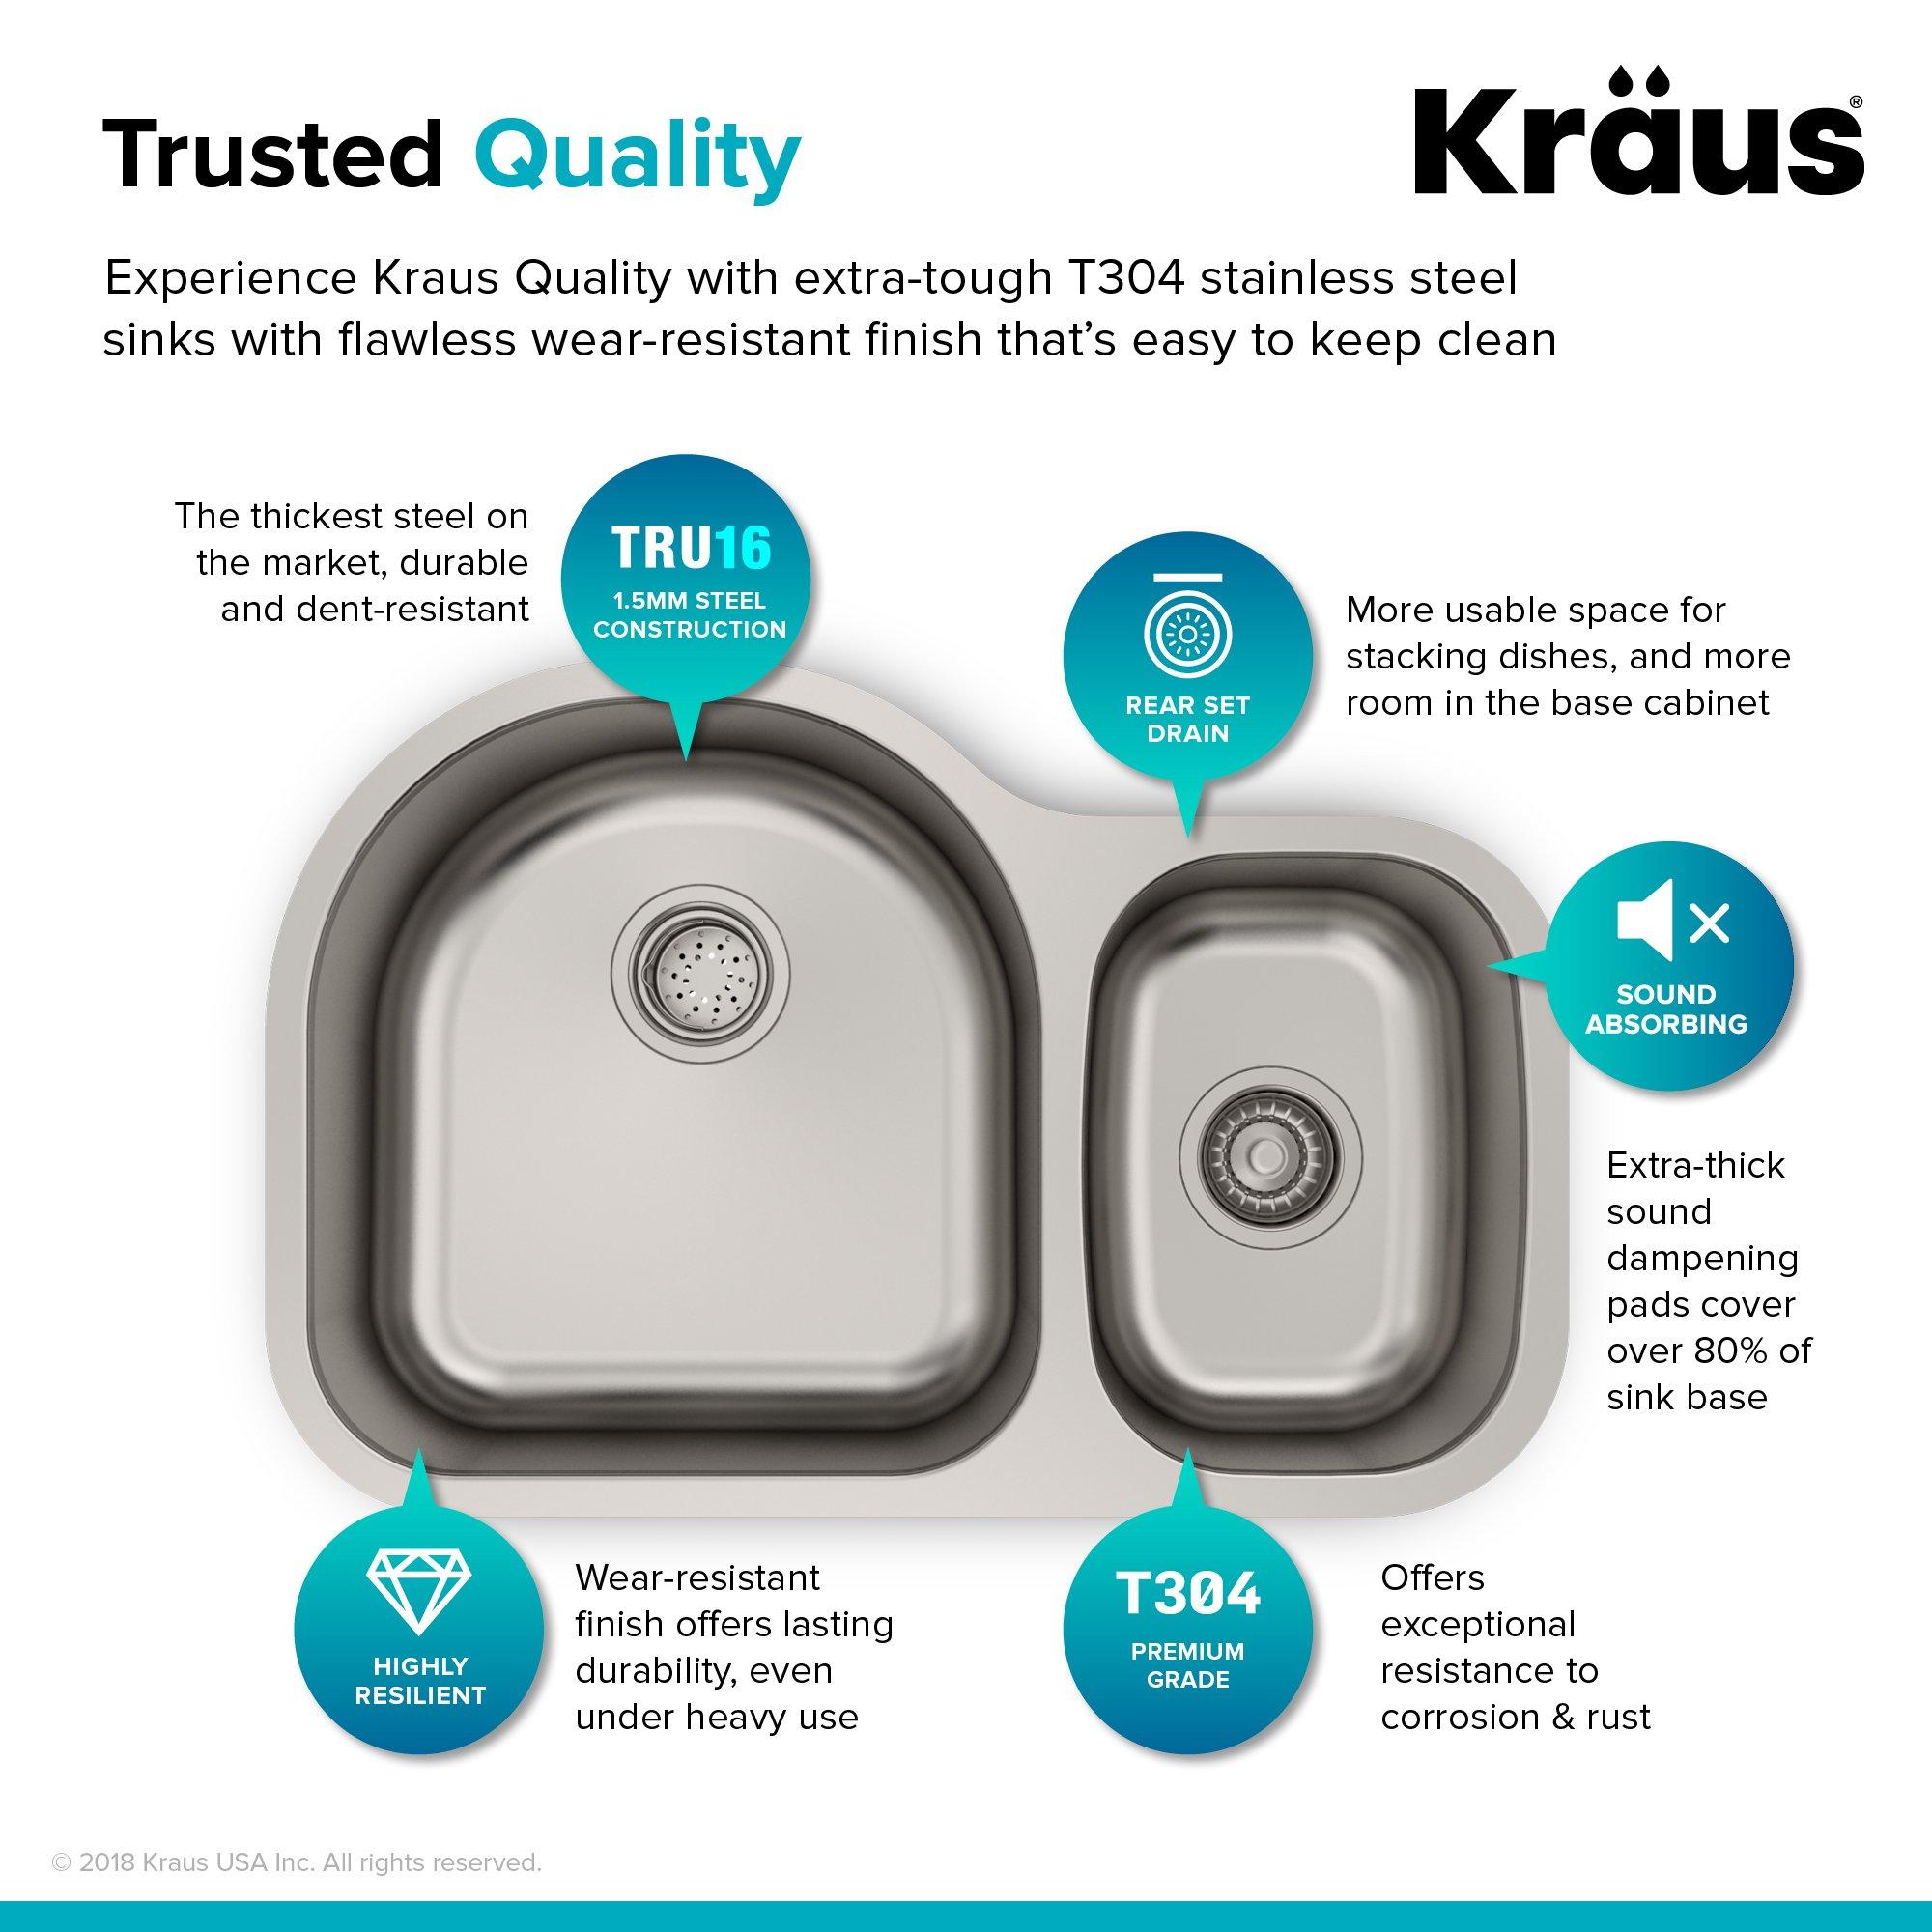 Kraus KBU21 30 inch Undermount 60/40 Double Bowl 16 gauge Stainless Steel Kitchen Sink by Kraus (Image #4)